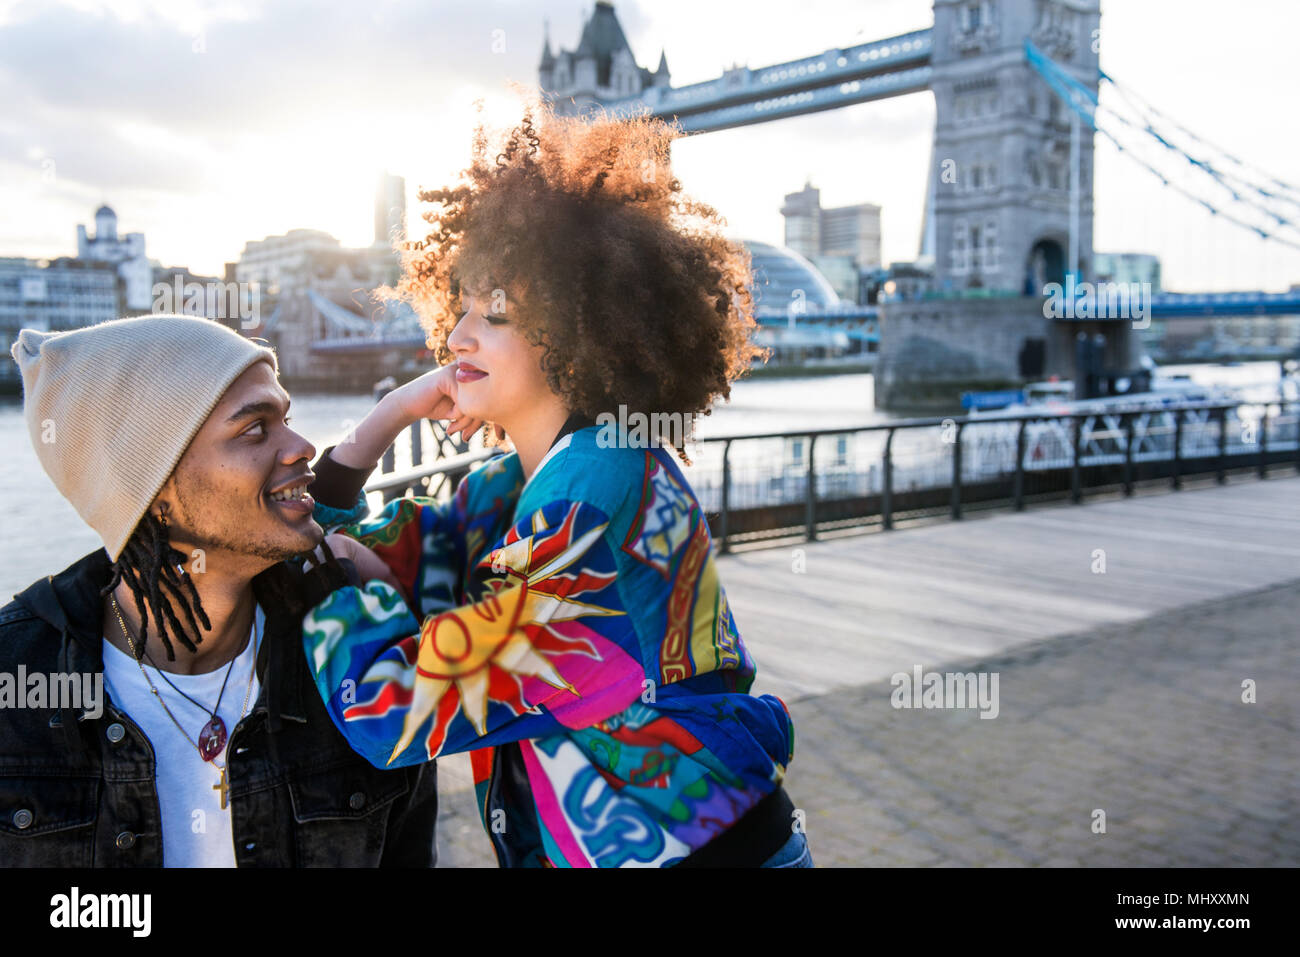 Ritratto di giovane coppia all'aperto, faccia a faccia, Tower Bridge in background, London, England, Regno Unito Immagini Stock